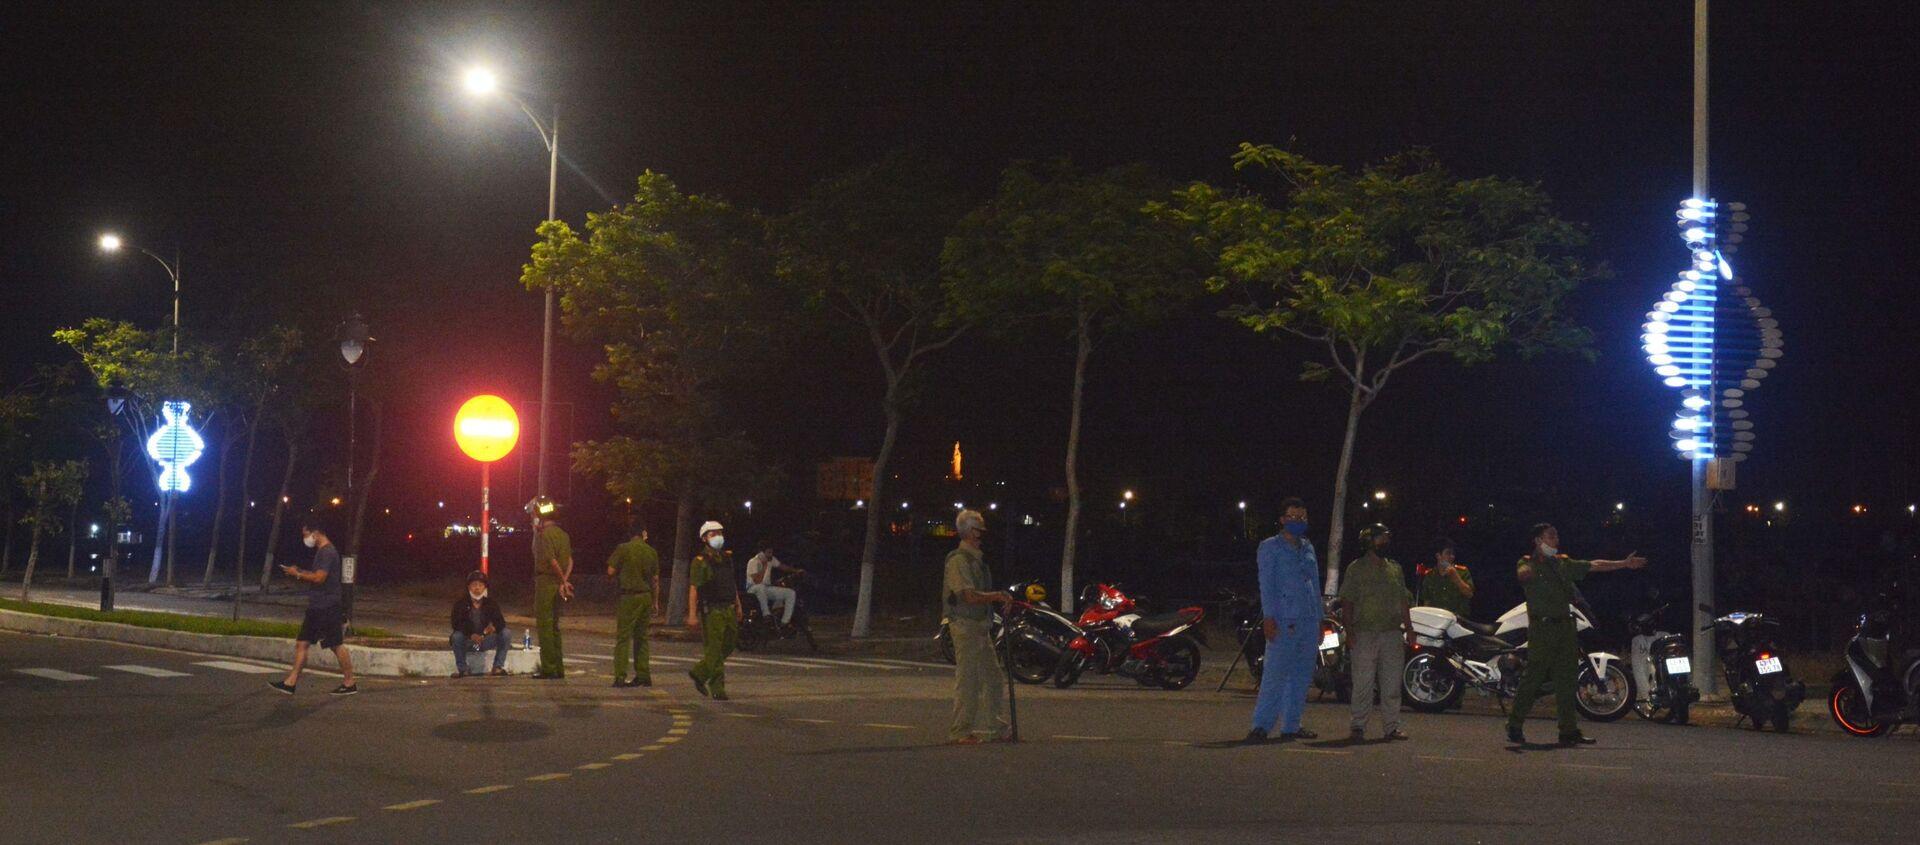 Lực lượng chức năng đang phân luồng giao thông tại hiện trường. - Sputnik Việt Nam, 1920, 03.04.2020